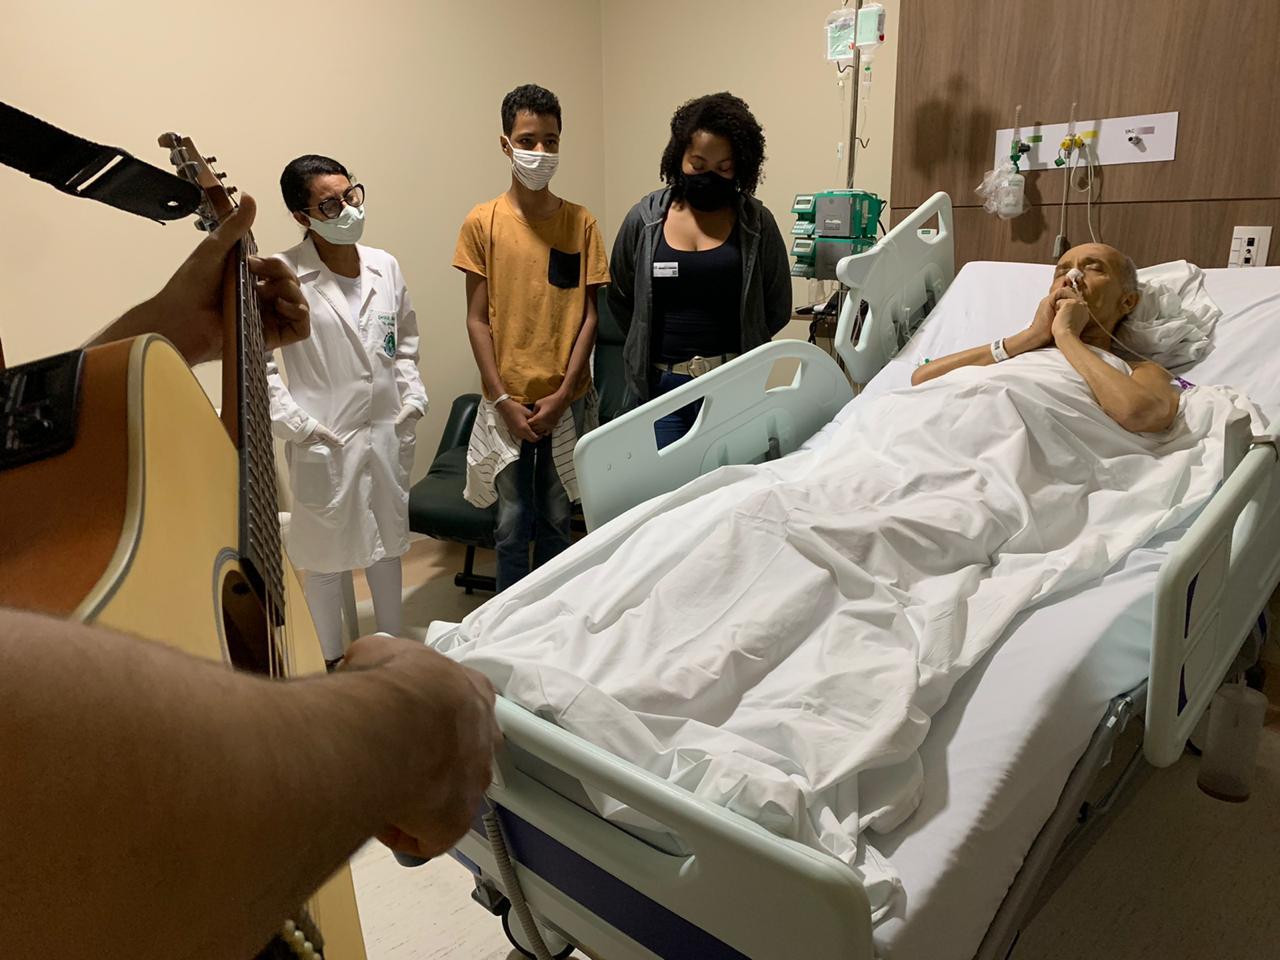 Paciente Culto - Unimed João Pessoa realiza desejos de clientes internados no Hospital Alberto Urquiza